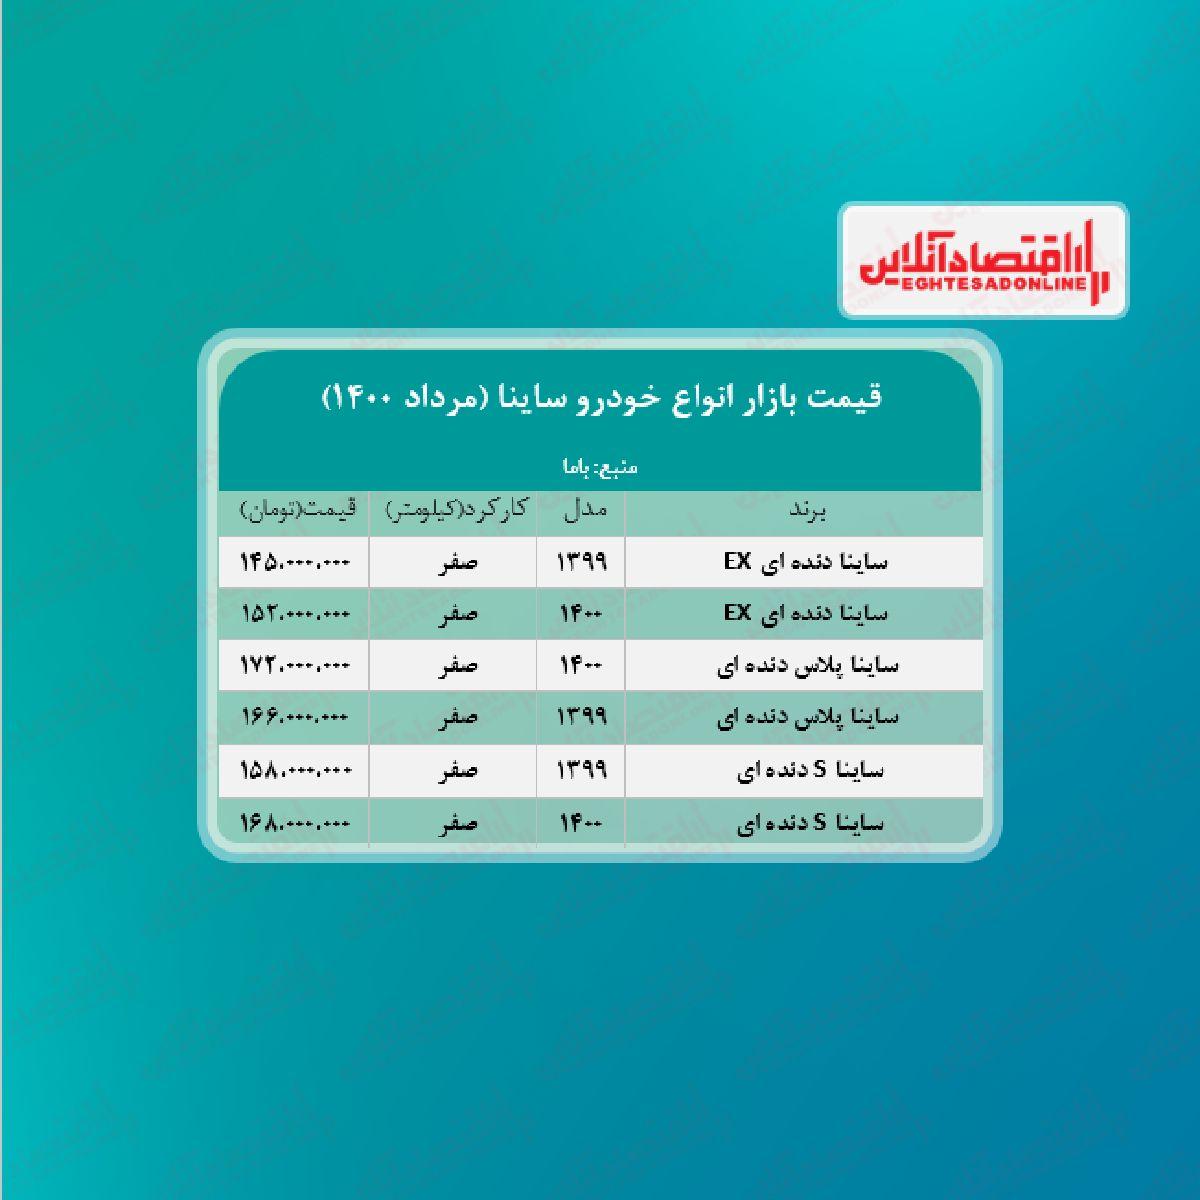 جدیدترین قیمت ساینا در پایتخت + جدول